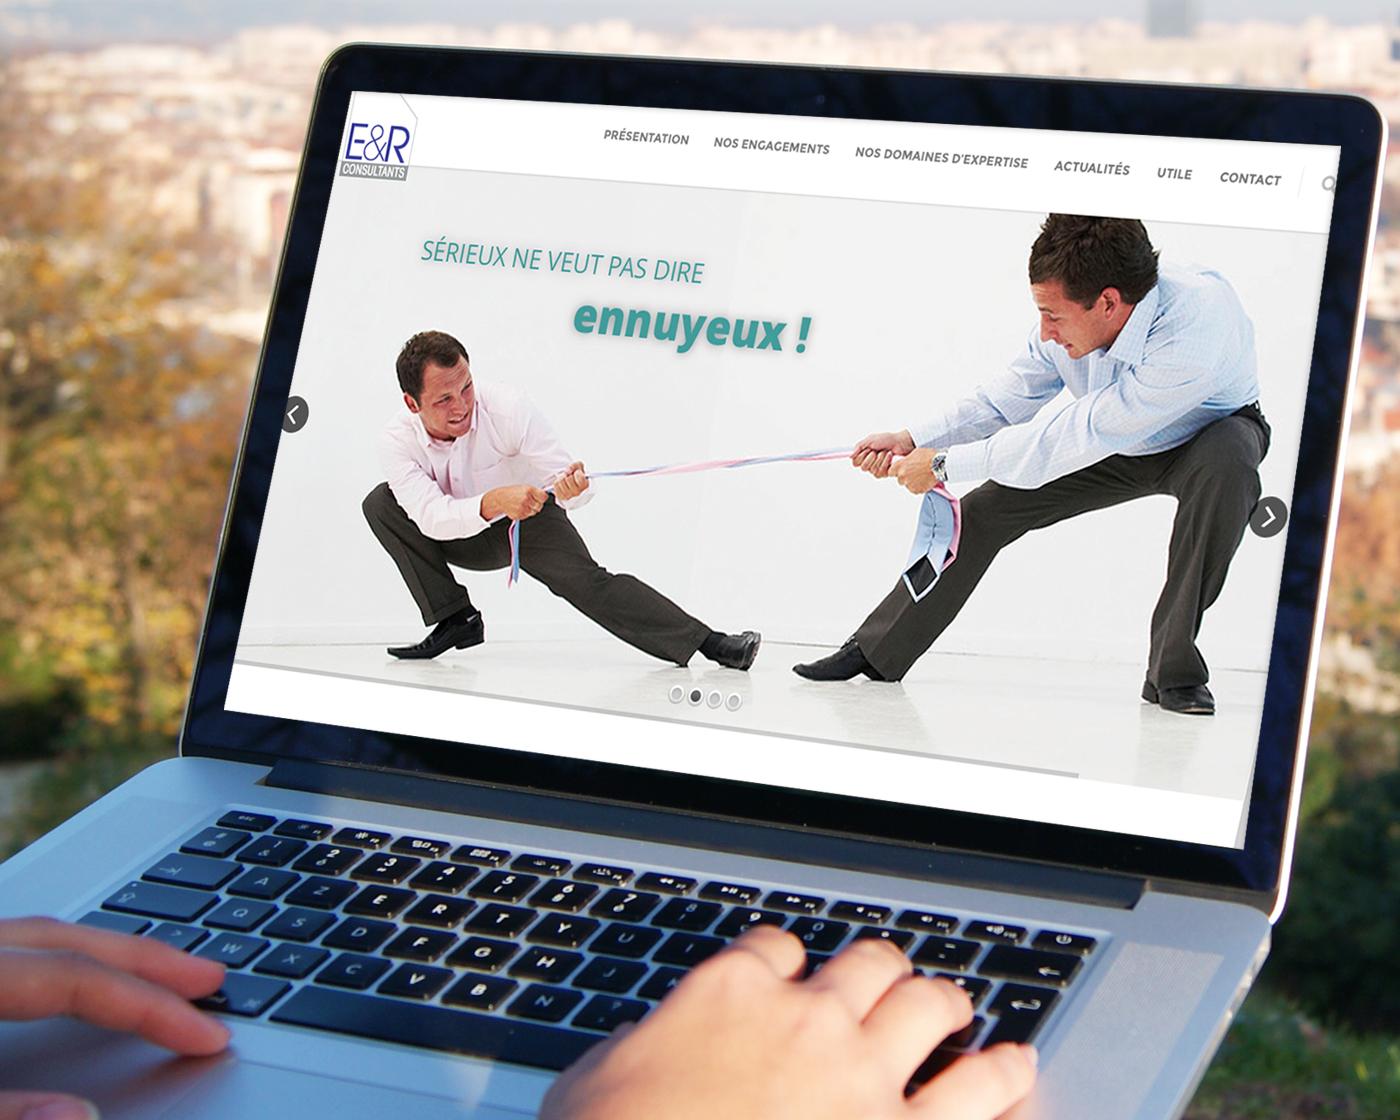 ER Consultants - visibilité et cohérence sur tous les supports